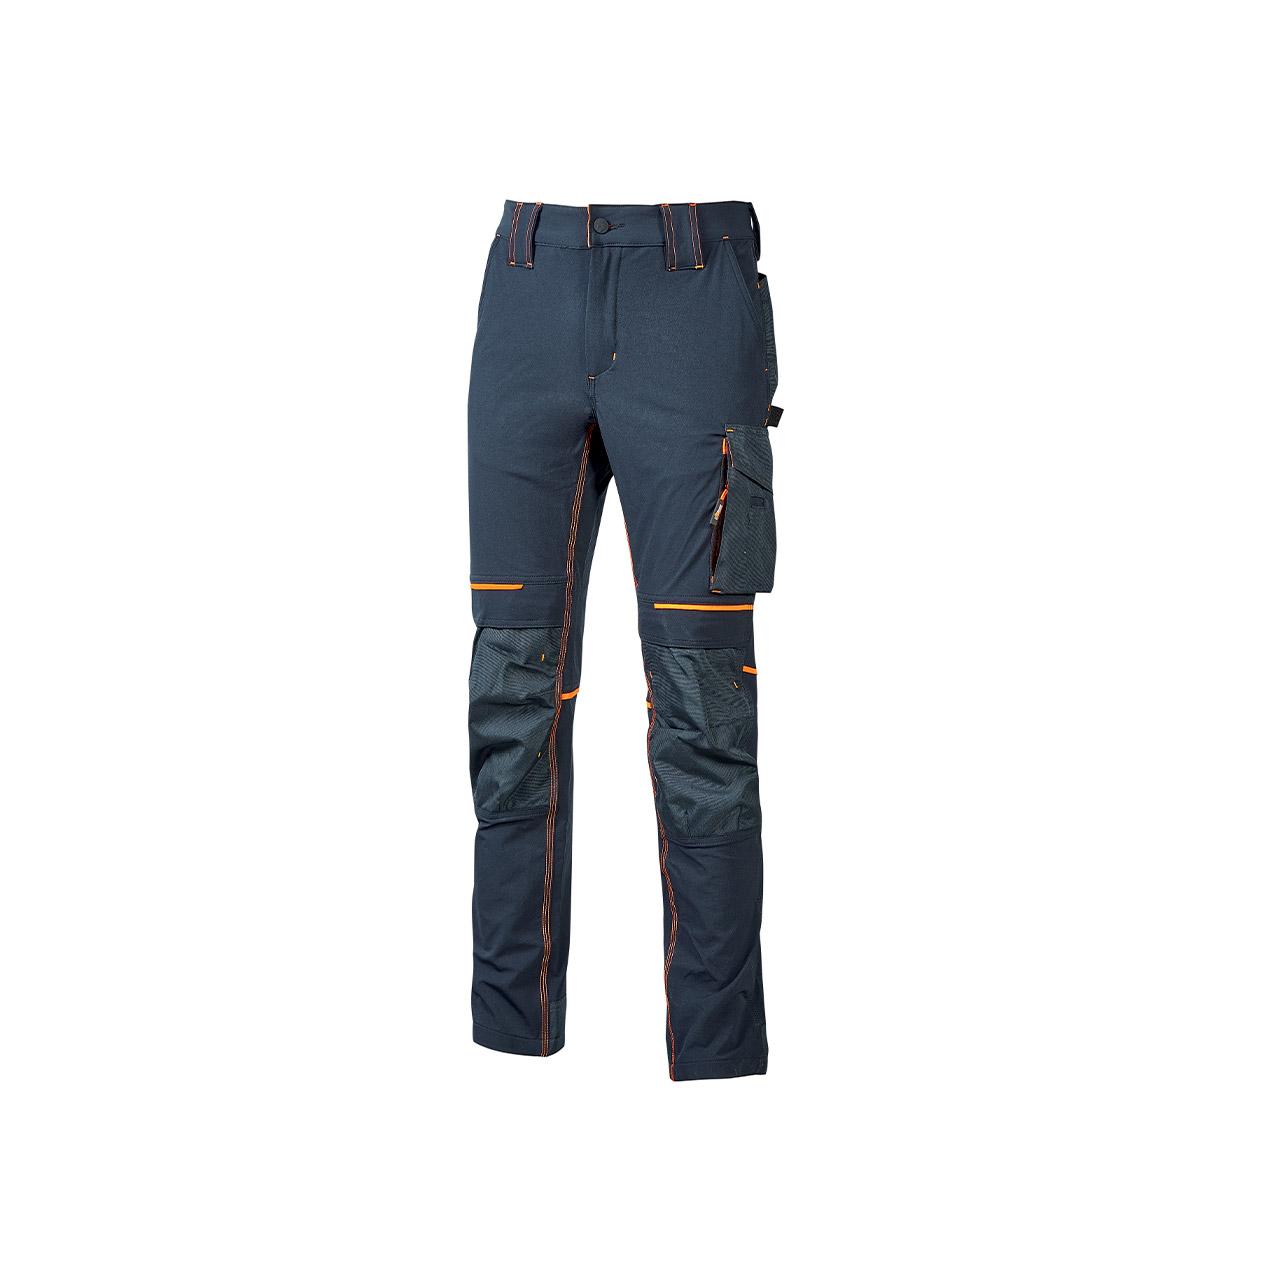 pantalone da lavoro upower modello atom colore deep blue prodotto